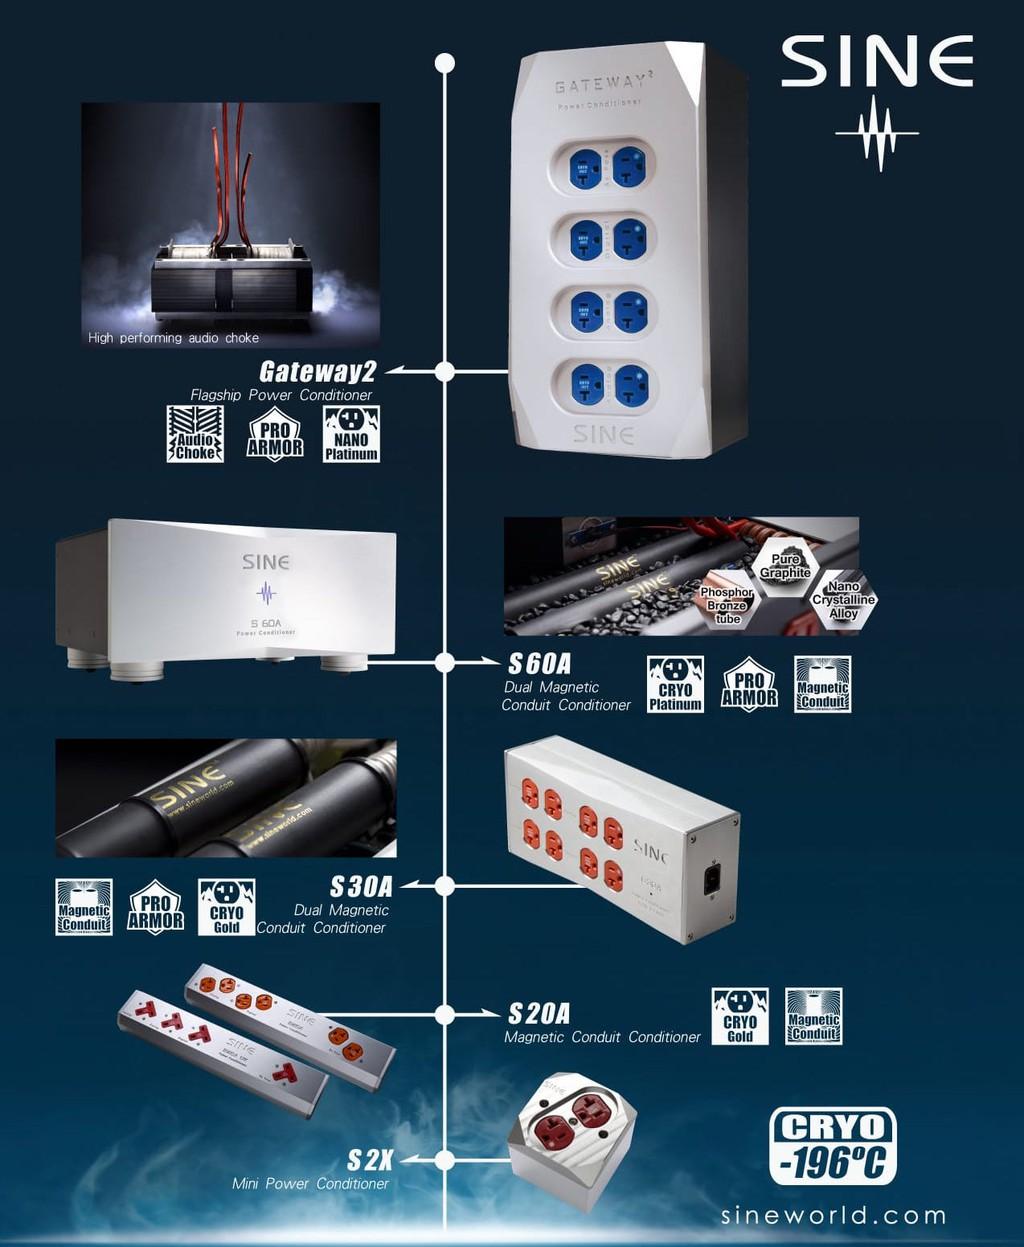 Những thiết bị tối ưu điện nguồn hi-end ấn tượng nhất của thương hiệu SINE ảnh 1